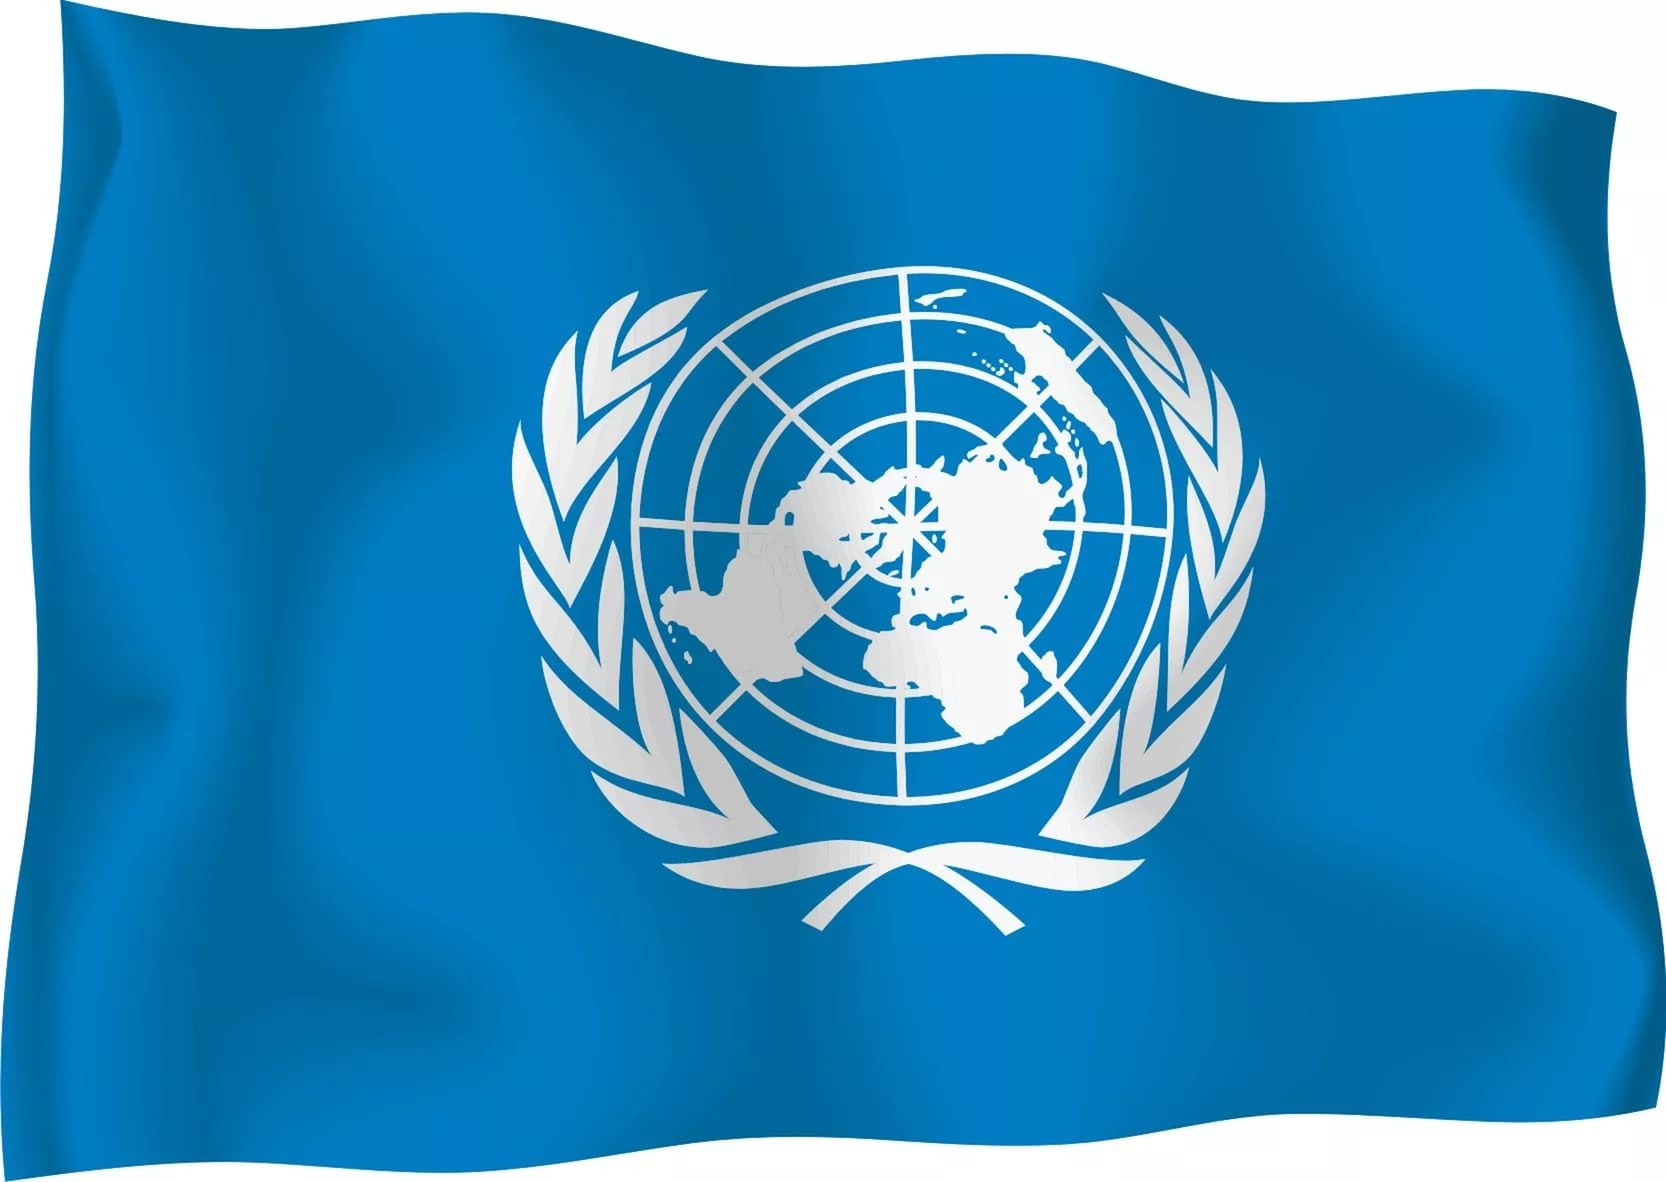 Российская Федерация и Китайская народная республика заблокировали резолюцию Совбеза ООН осанкциях вотношении Сирии